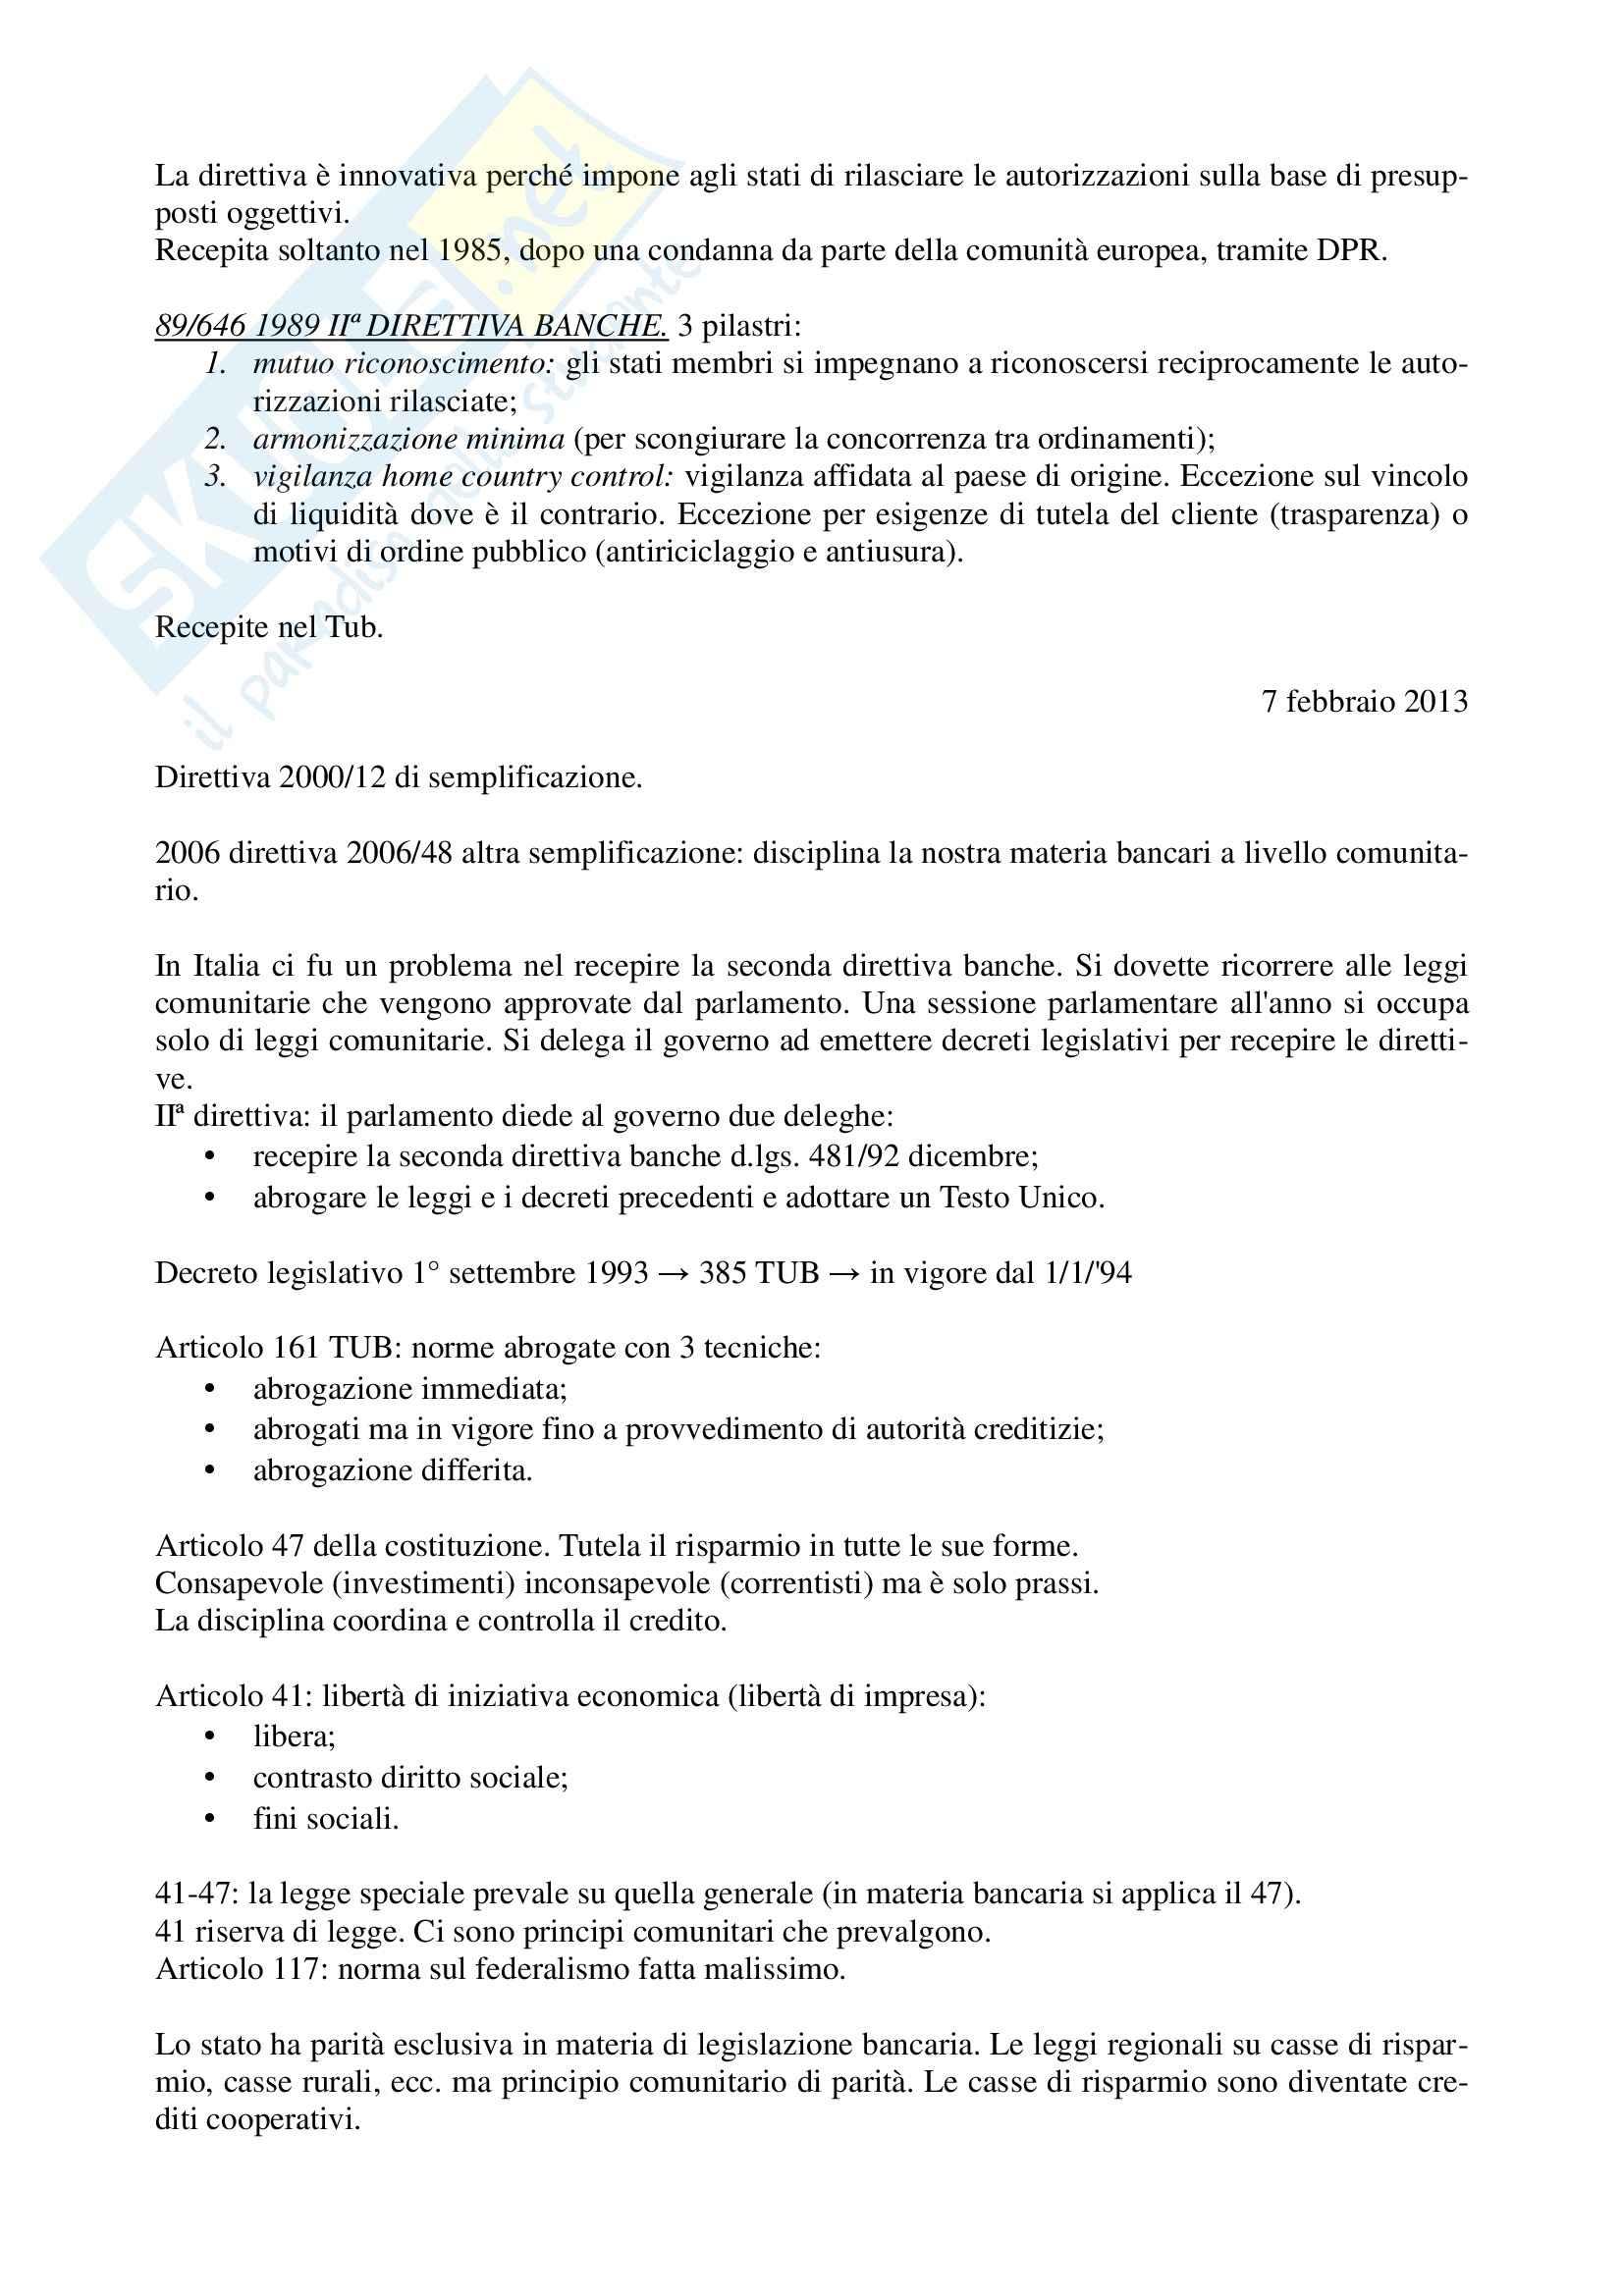 Legislazione bancaria 1 - appunti parte I Pag. 2